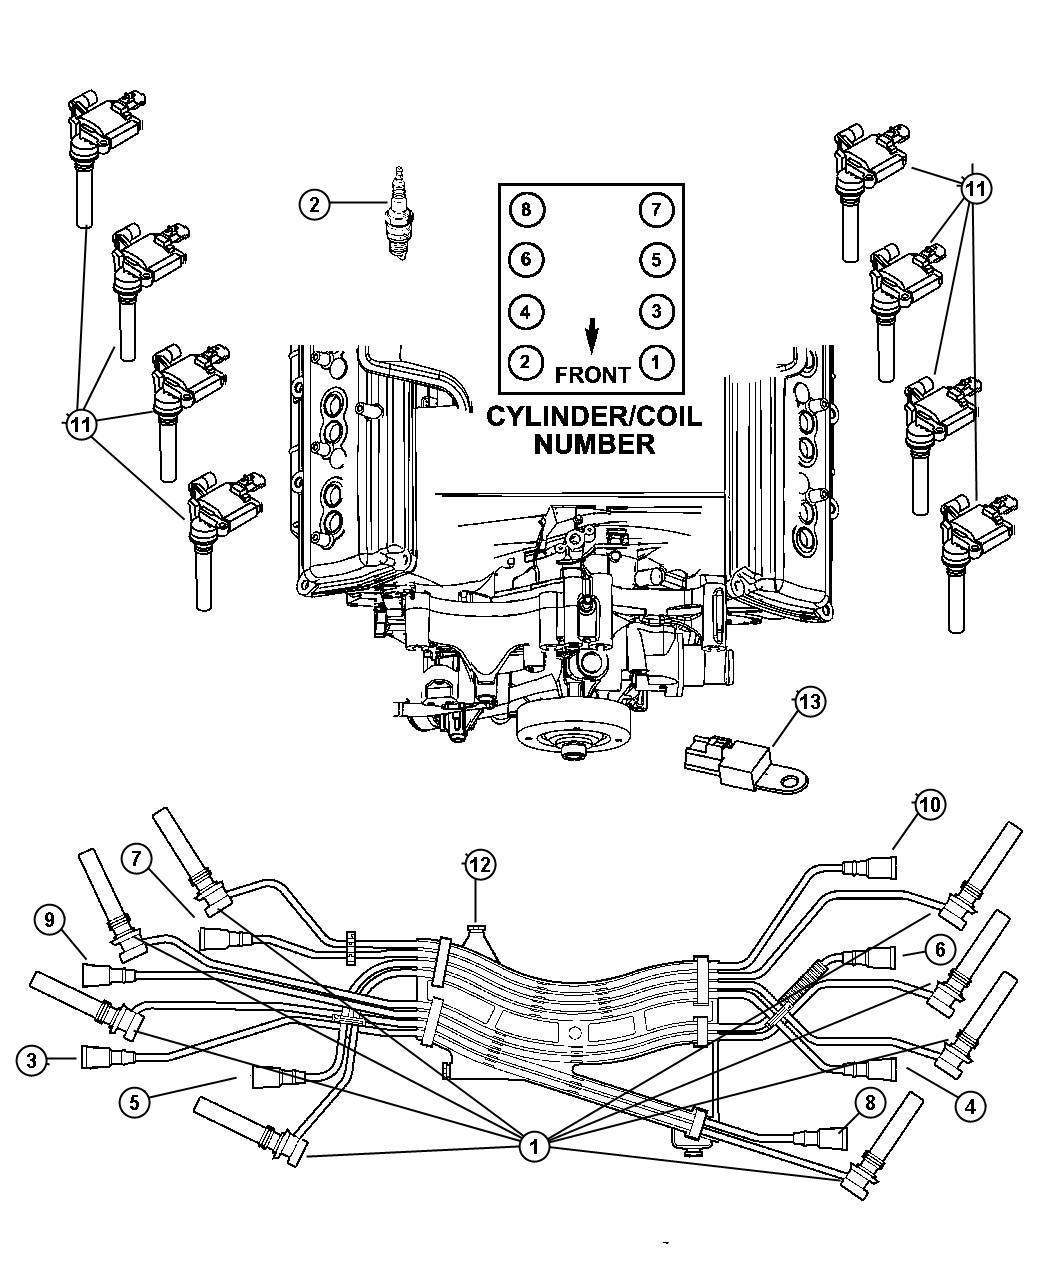 RR_2987] Ram 1500 5 7 Hemi Engine Diagram On 2000 Buick Stereo Wiring  Diagram Free DiagramStaix Hylec Hendil Barep Shopa Mohammedshrine Librar Wiring 101